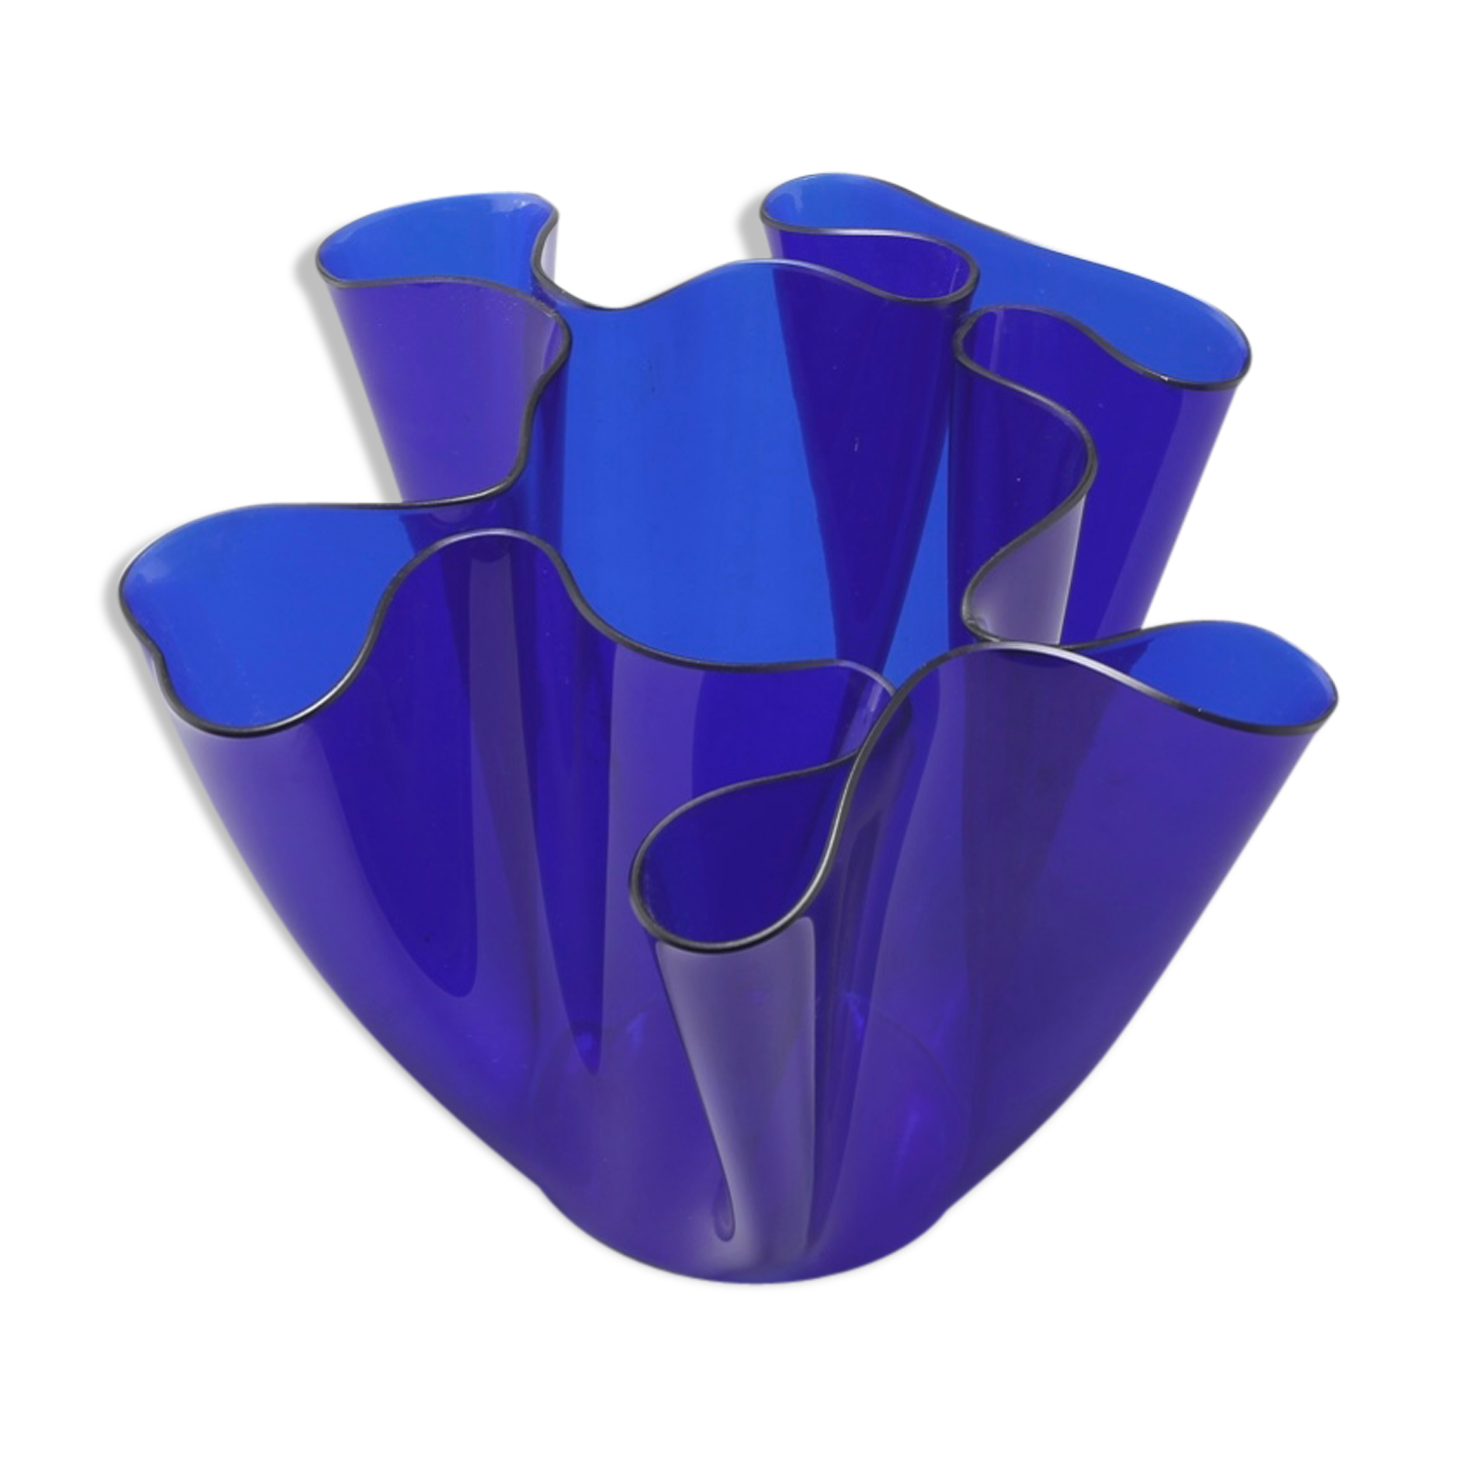 Vase Cartoccio de Fontana Arte